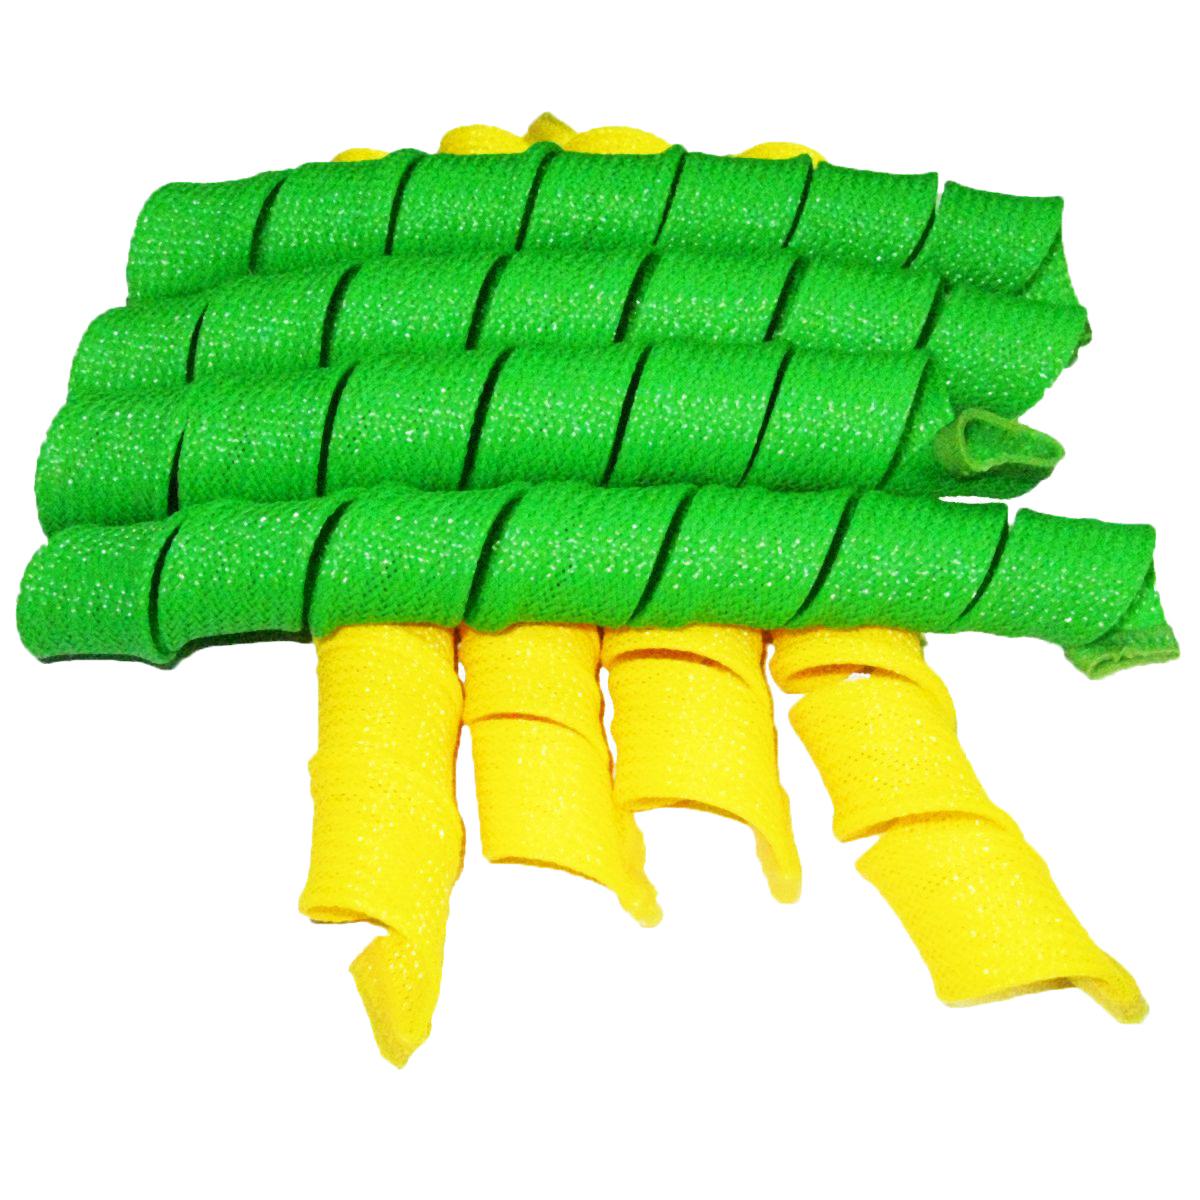 Дива Волшебные бигуди Широкие, 54 см, 18 штДШ54Бигуди этой формы помогают придать объем, быстро и без усилий обзавестись крупными и средними кудрями. Эластичная сеточка из полимерных волокон позволяет получить плавные округлые завитки без заломов. Силиконовые наконечники не дают спиралькам сползать, и при этом легко снимаются с сухих волос. Чтобы получить идеальную прическу, достаточно закрепить бигуди на волосах влажностью 60-70% и просушить их феном или оставить до утра. На мягких Magic Leverag можно проспать всю ночь, не ощущая неудобства. Все 18 широких и длинных бигуди Дива закручиваются в одну сторону, а значит вы легко проконтролируете направление локонов и равномерность укладки. Характеристики: Длина: 54 см Ширина локона: 2,2 см Диаметр завитка: 2,5 см Количество: 18 шт. Крючок: двойной Упаковка: коробка